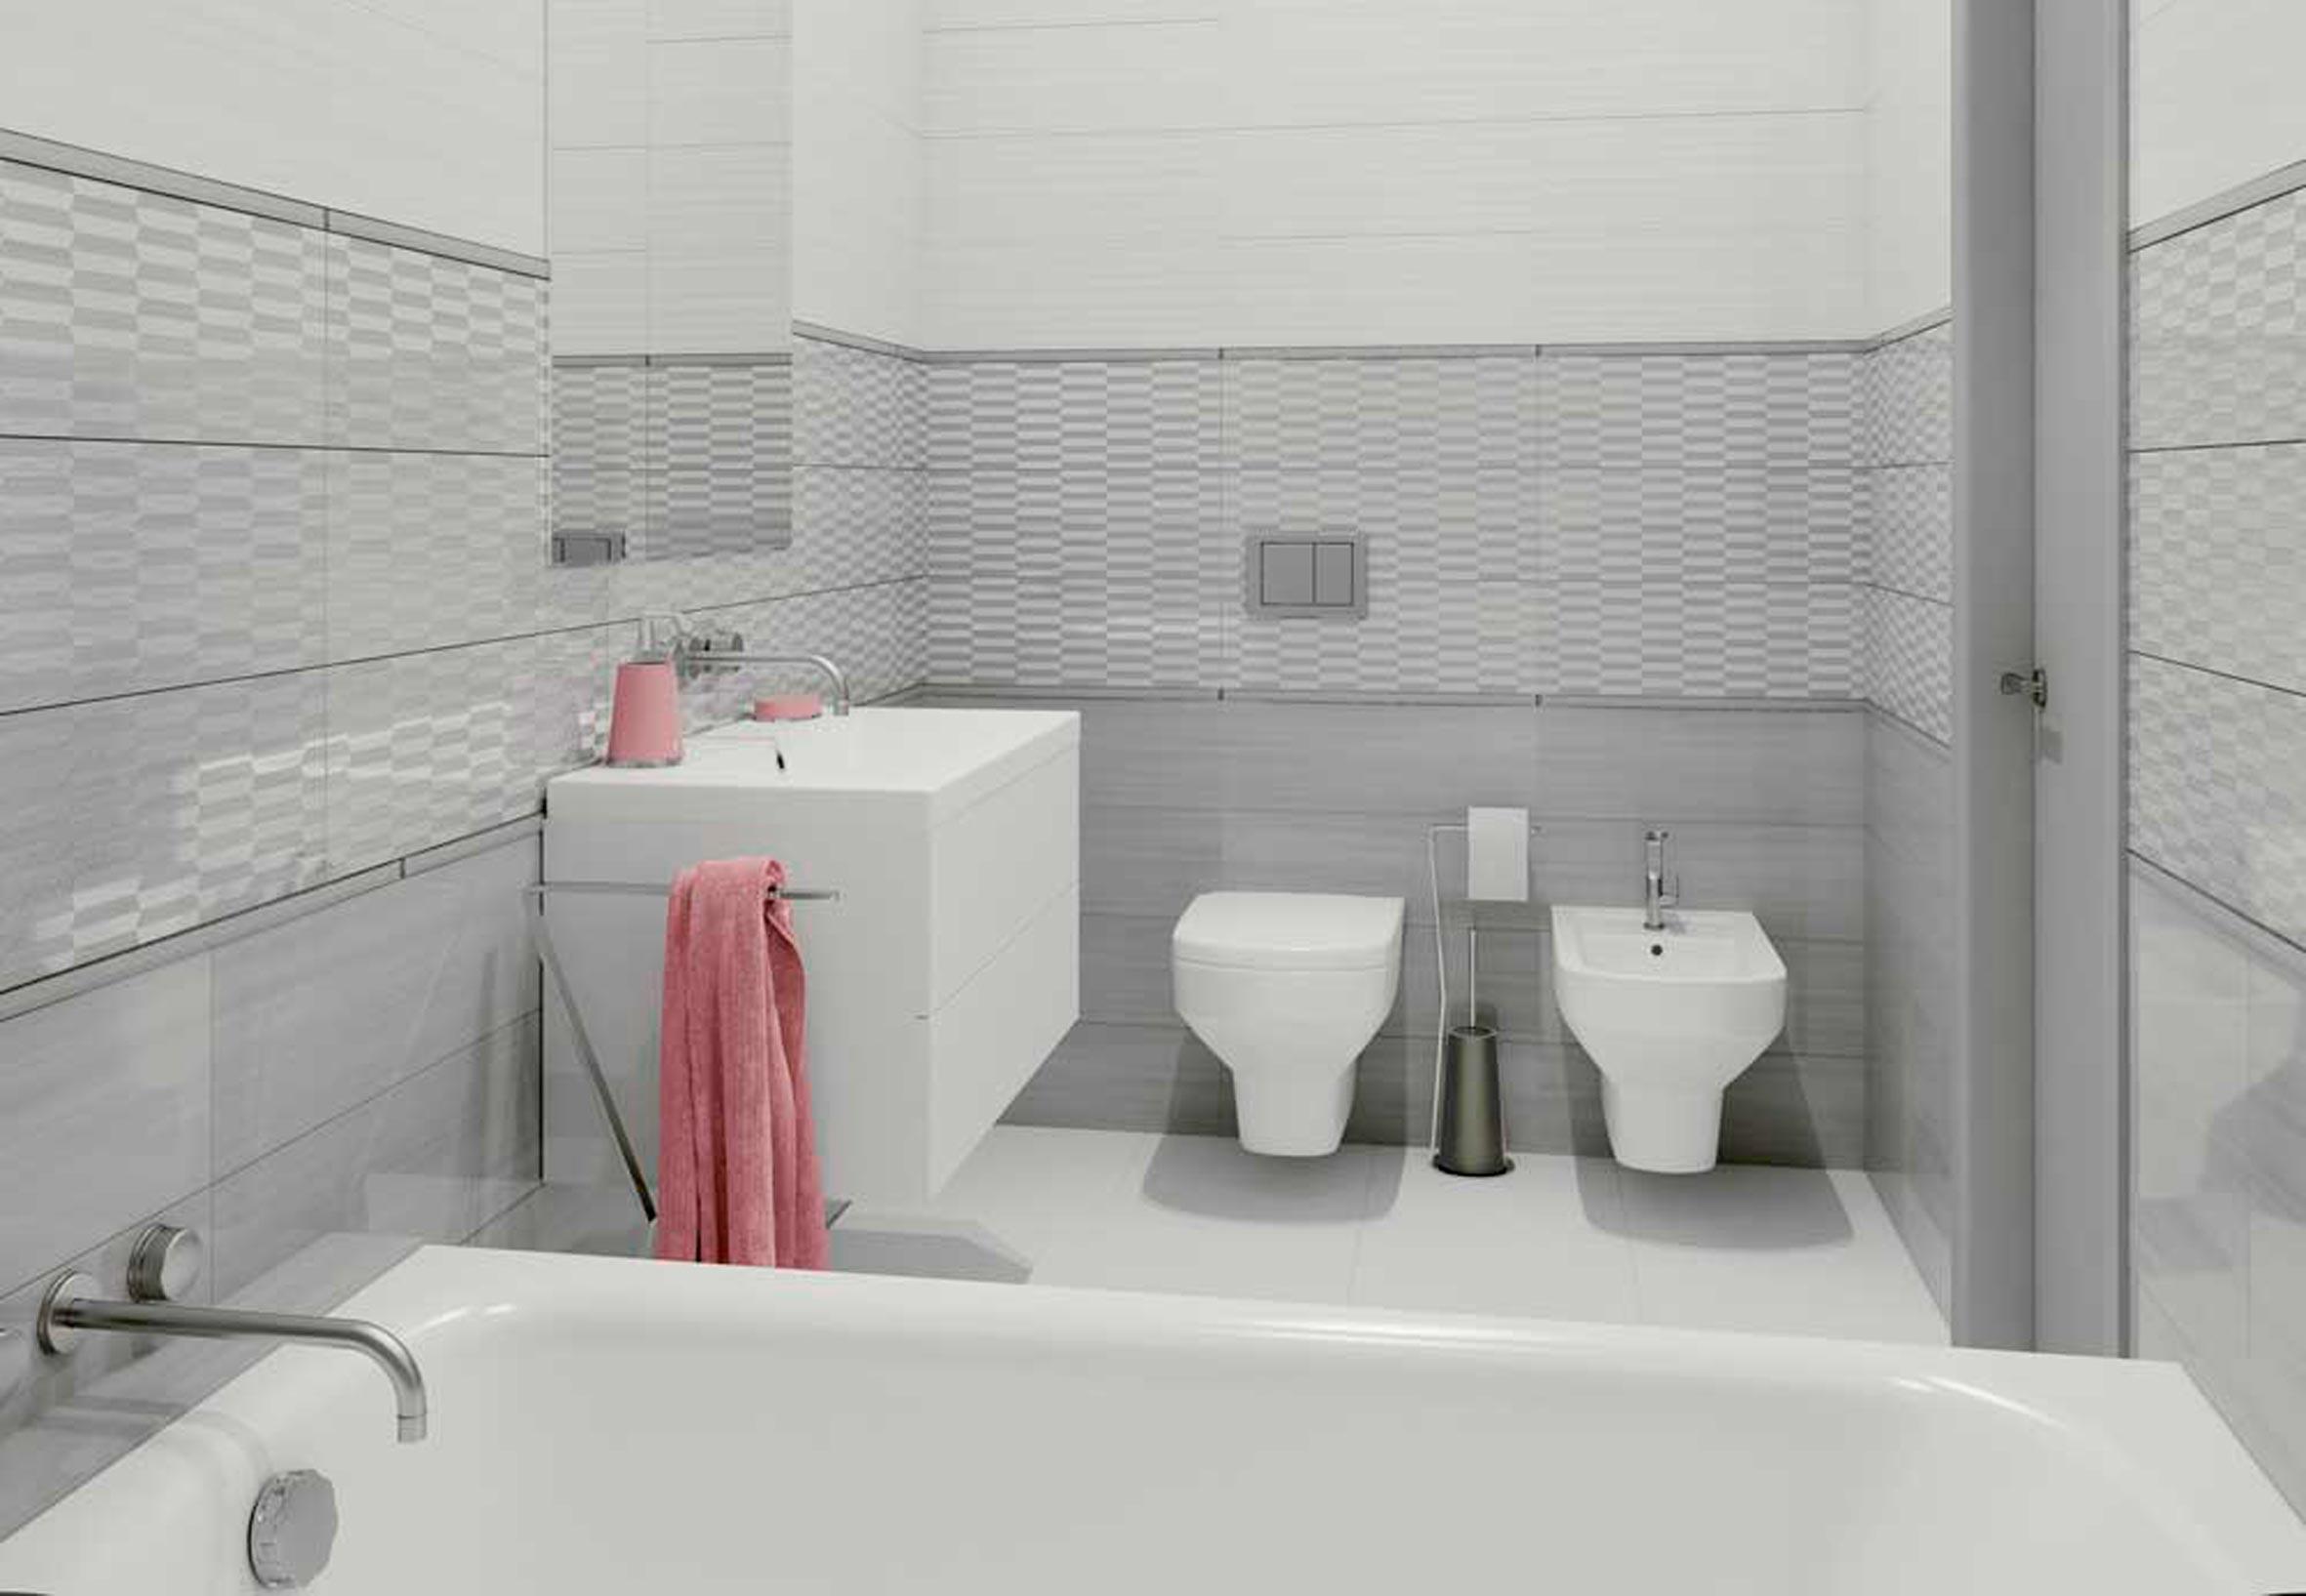 Фактура материала и освещение белая плитка в ванной 3